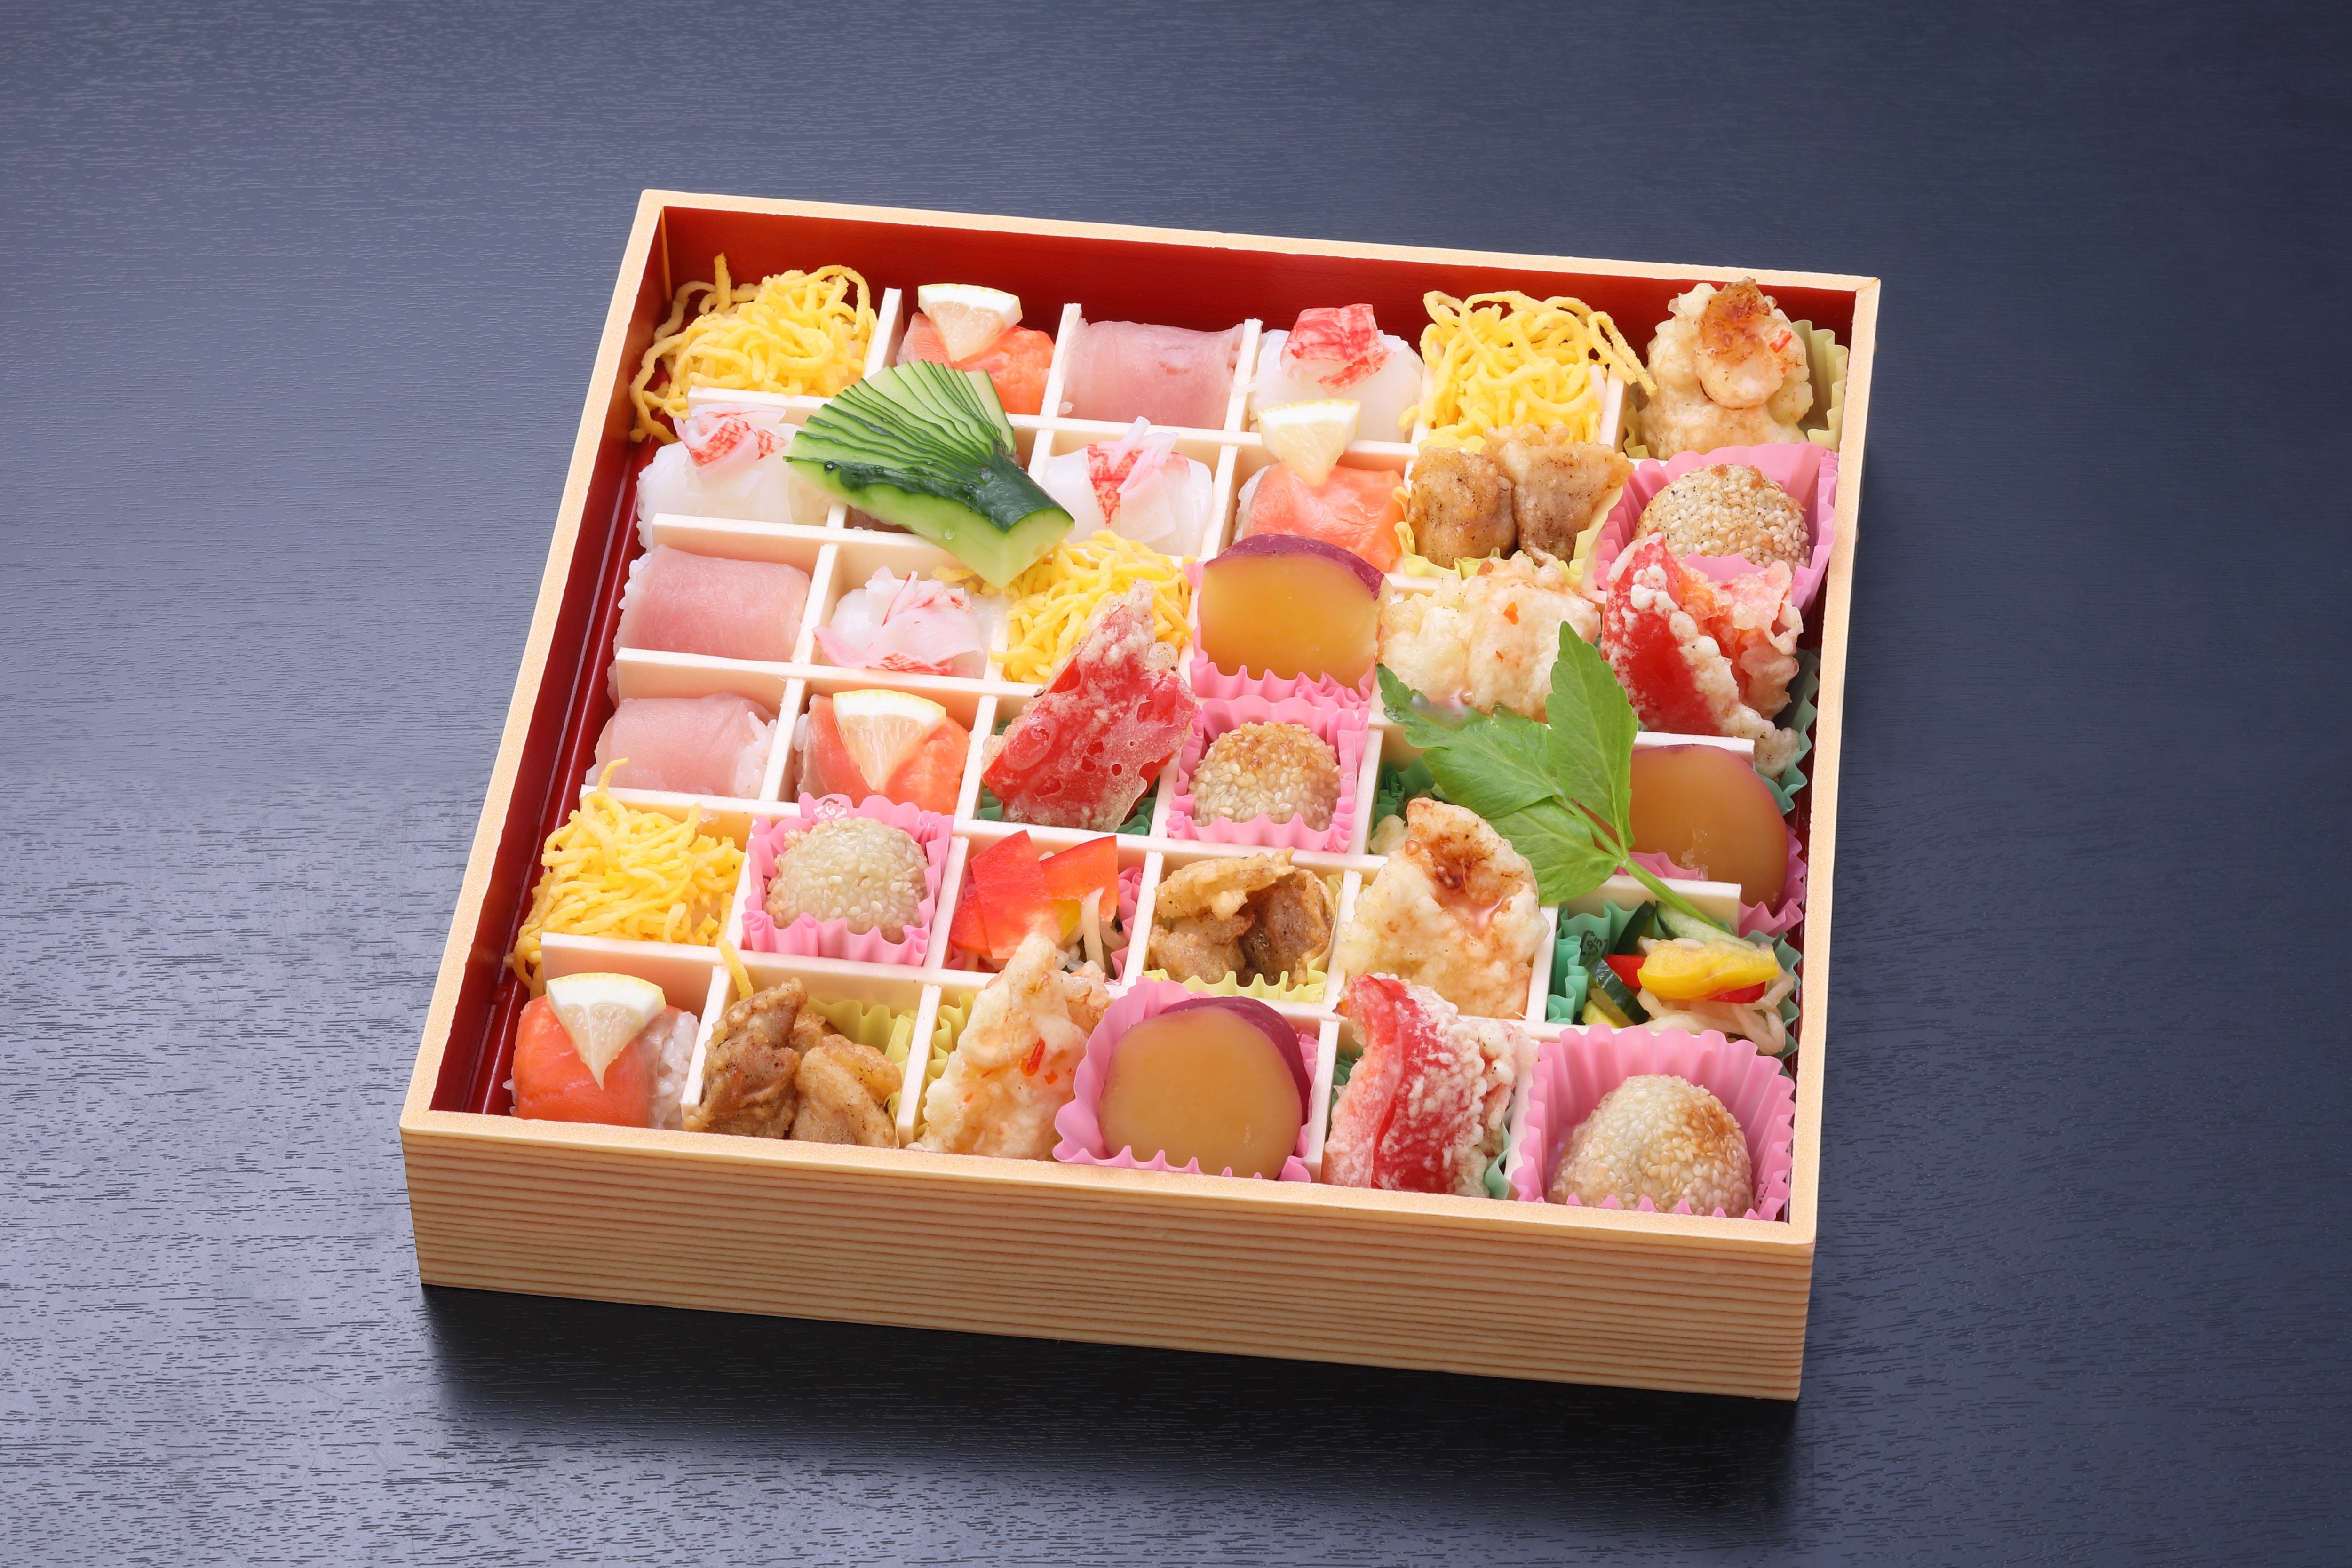 手まり寿司とオードブル(寿司18貫・オードブル18貫)